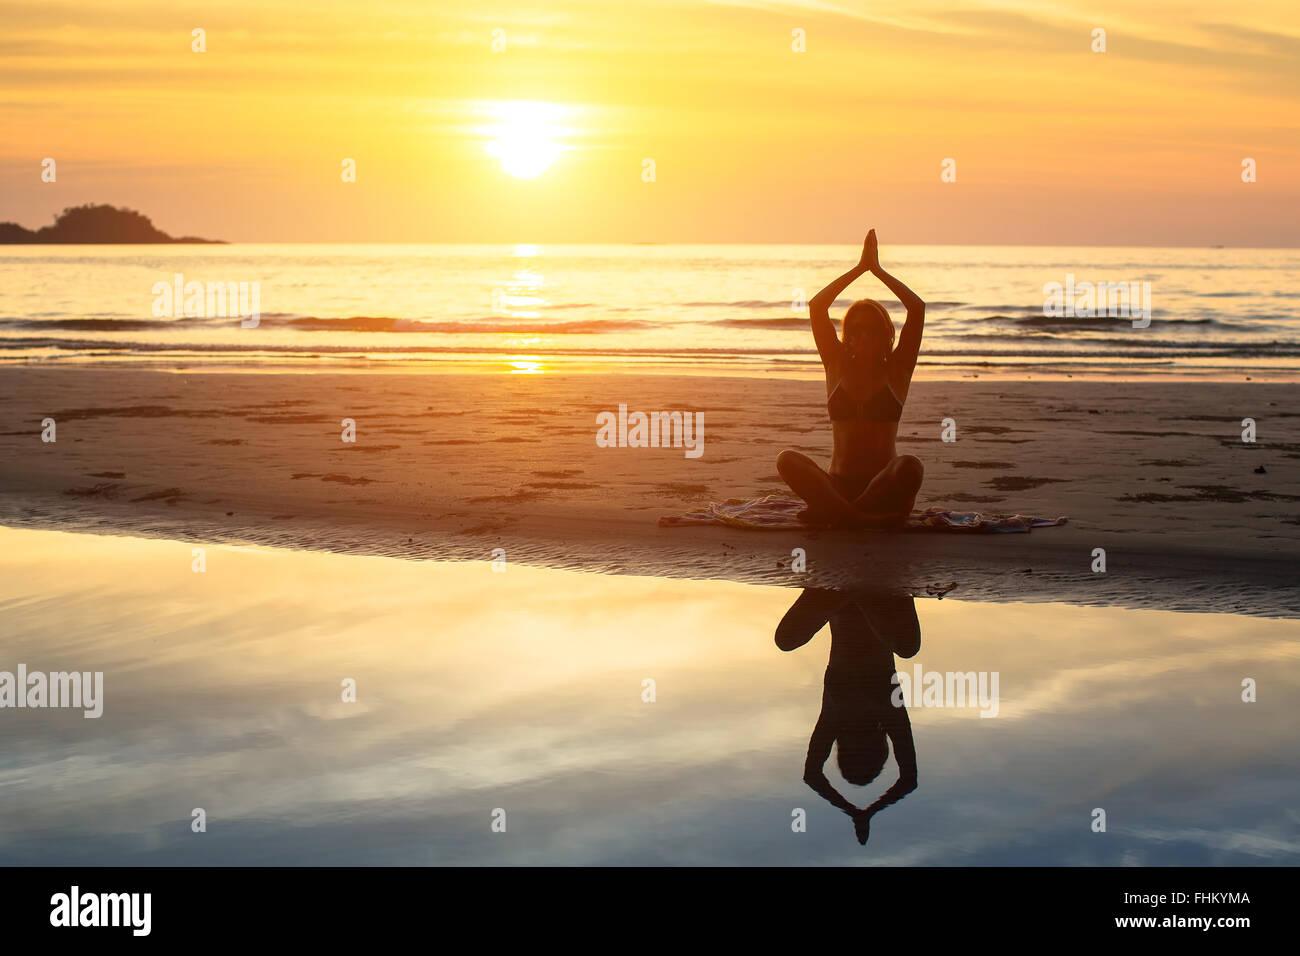 Silhouette di donna seduta sulla spiaggia durante un bel tramonto, con riflesso nell'acqua. Immagini Stock